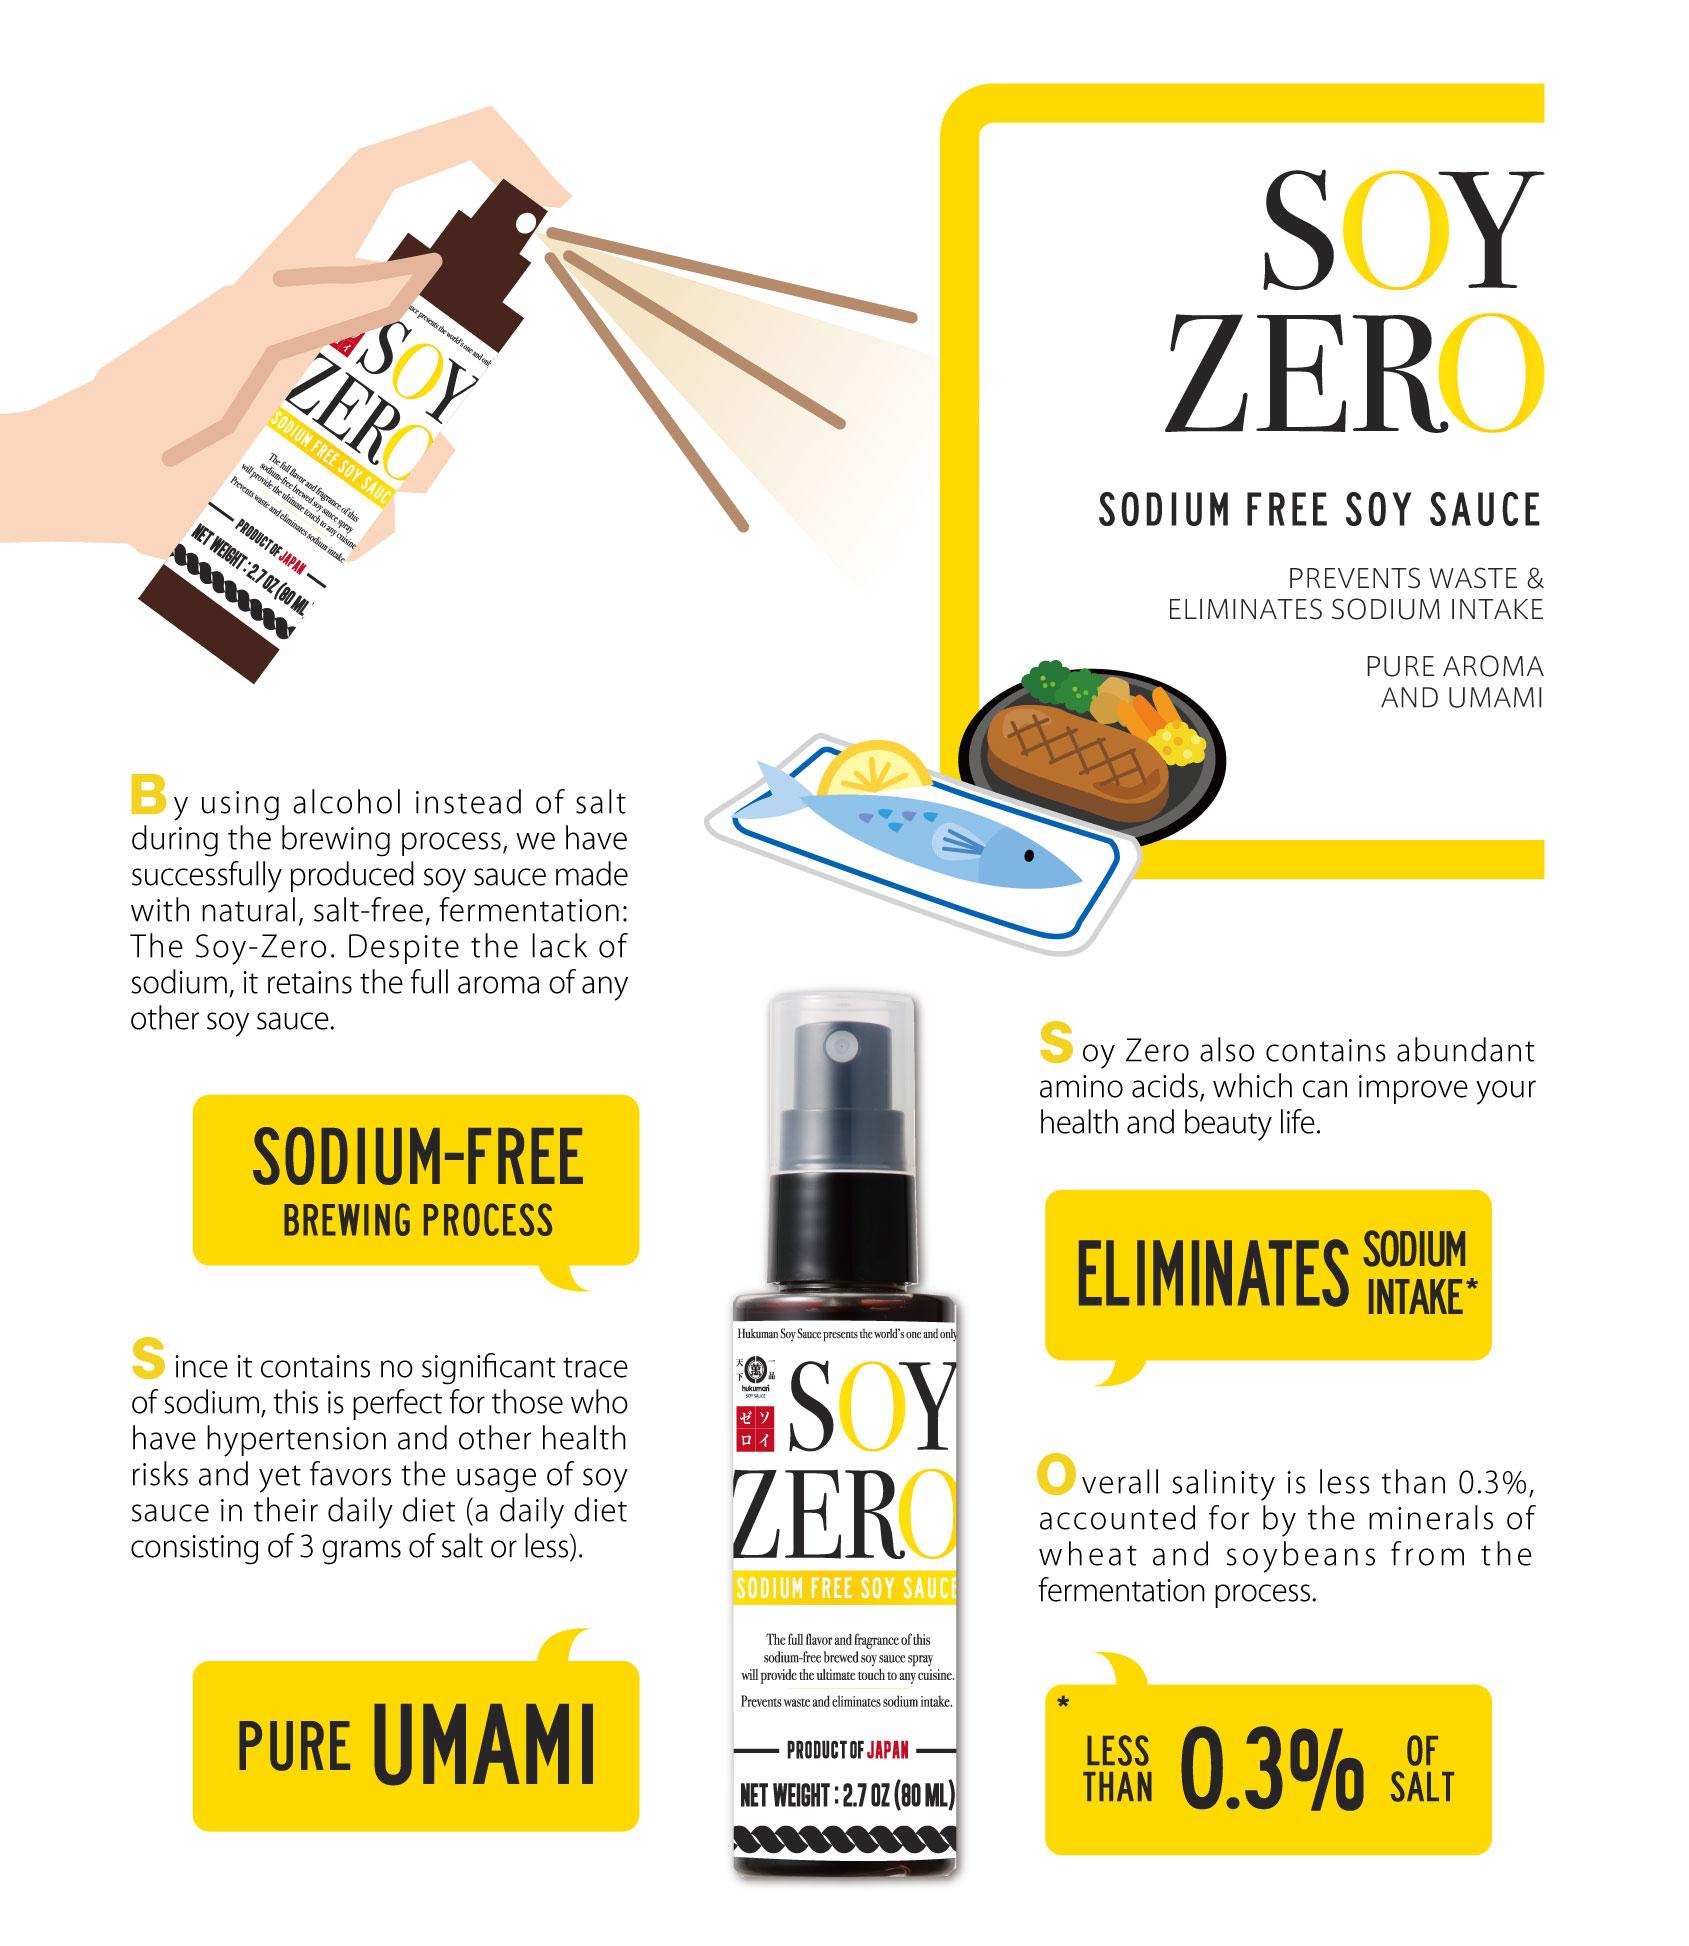 soyzero-info